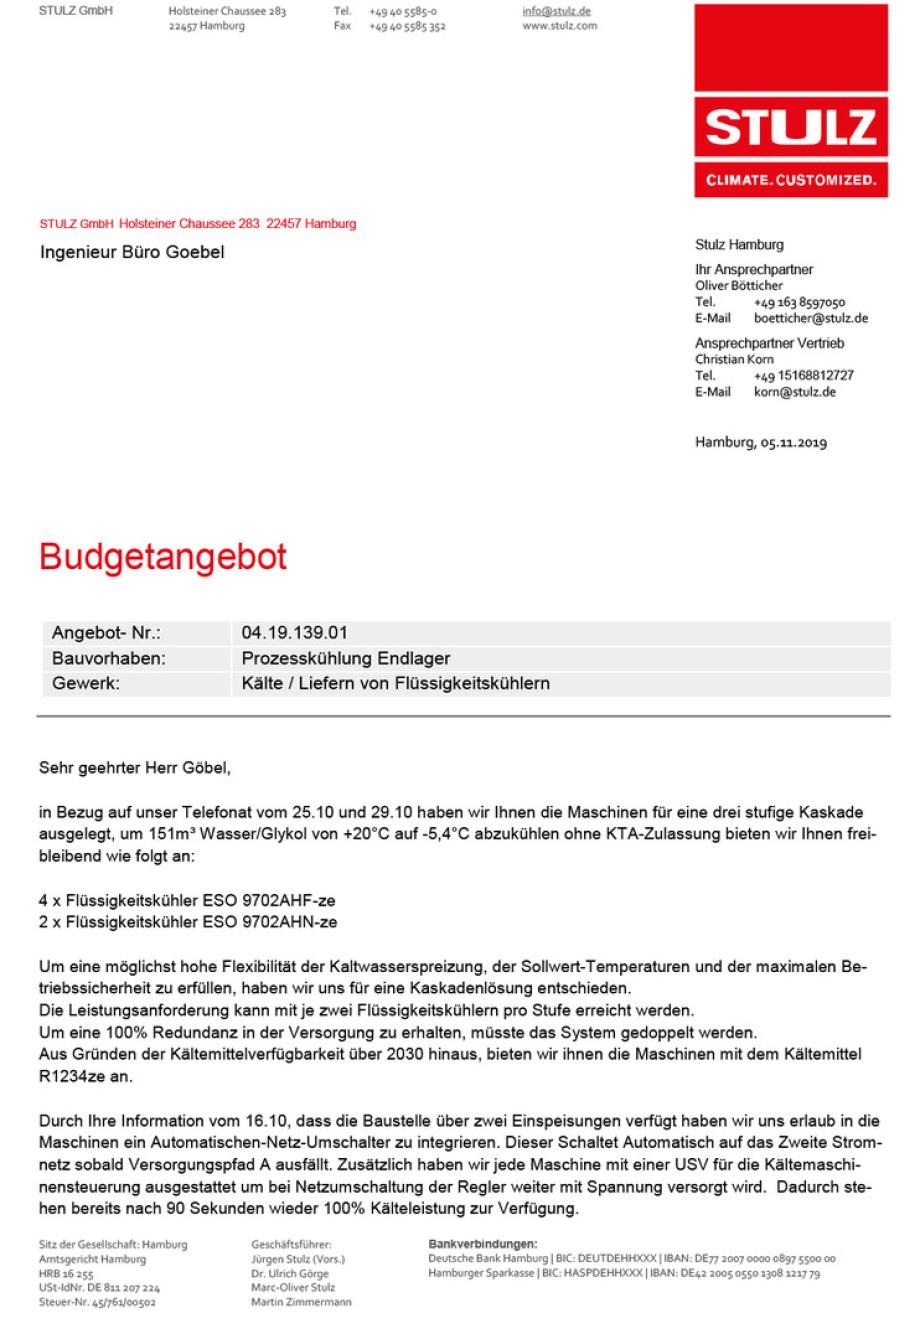 Vorschau_Budget-Angebot-Fa_Stulz_+20_bis_-5_Grad__Kaltwasser-Erzeuger_DBHD_Kuehlung_Baustelle